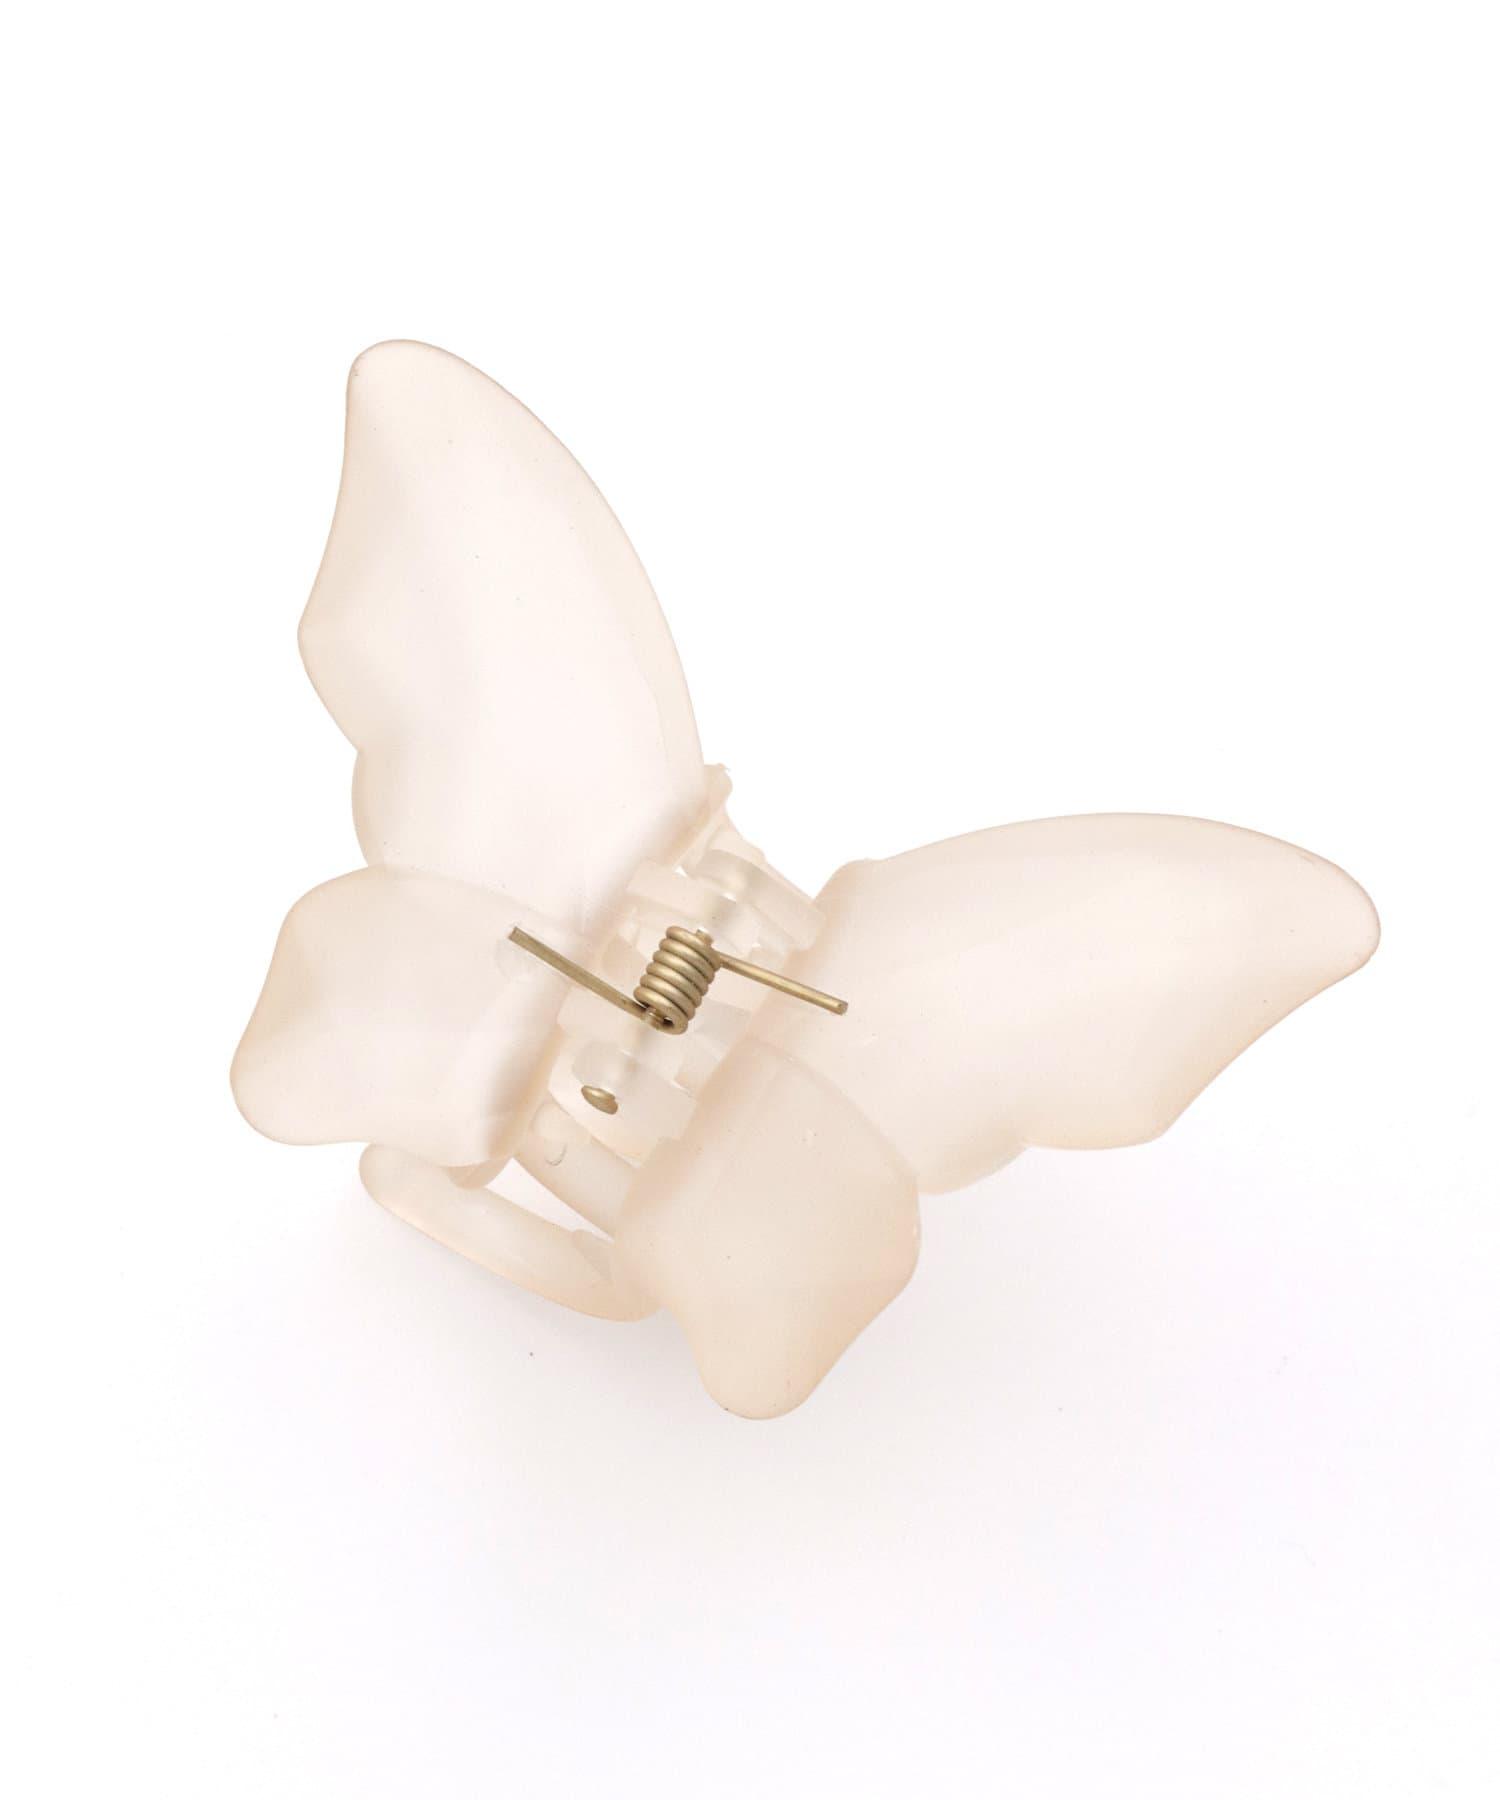 ASOKO(アソコ) 《蝶々がかわいい!》バタフライヘアクリップ